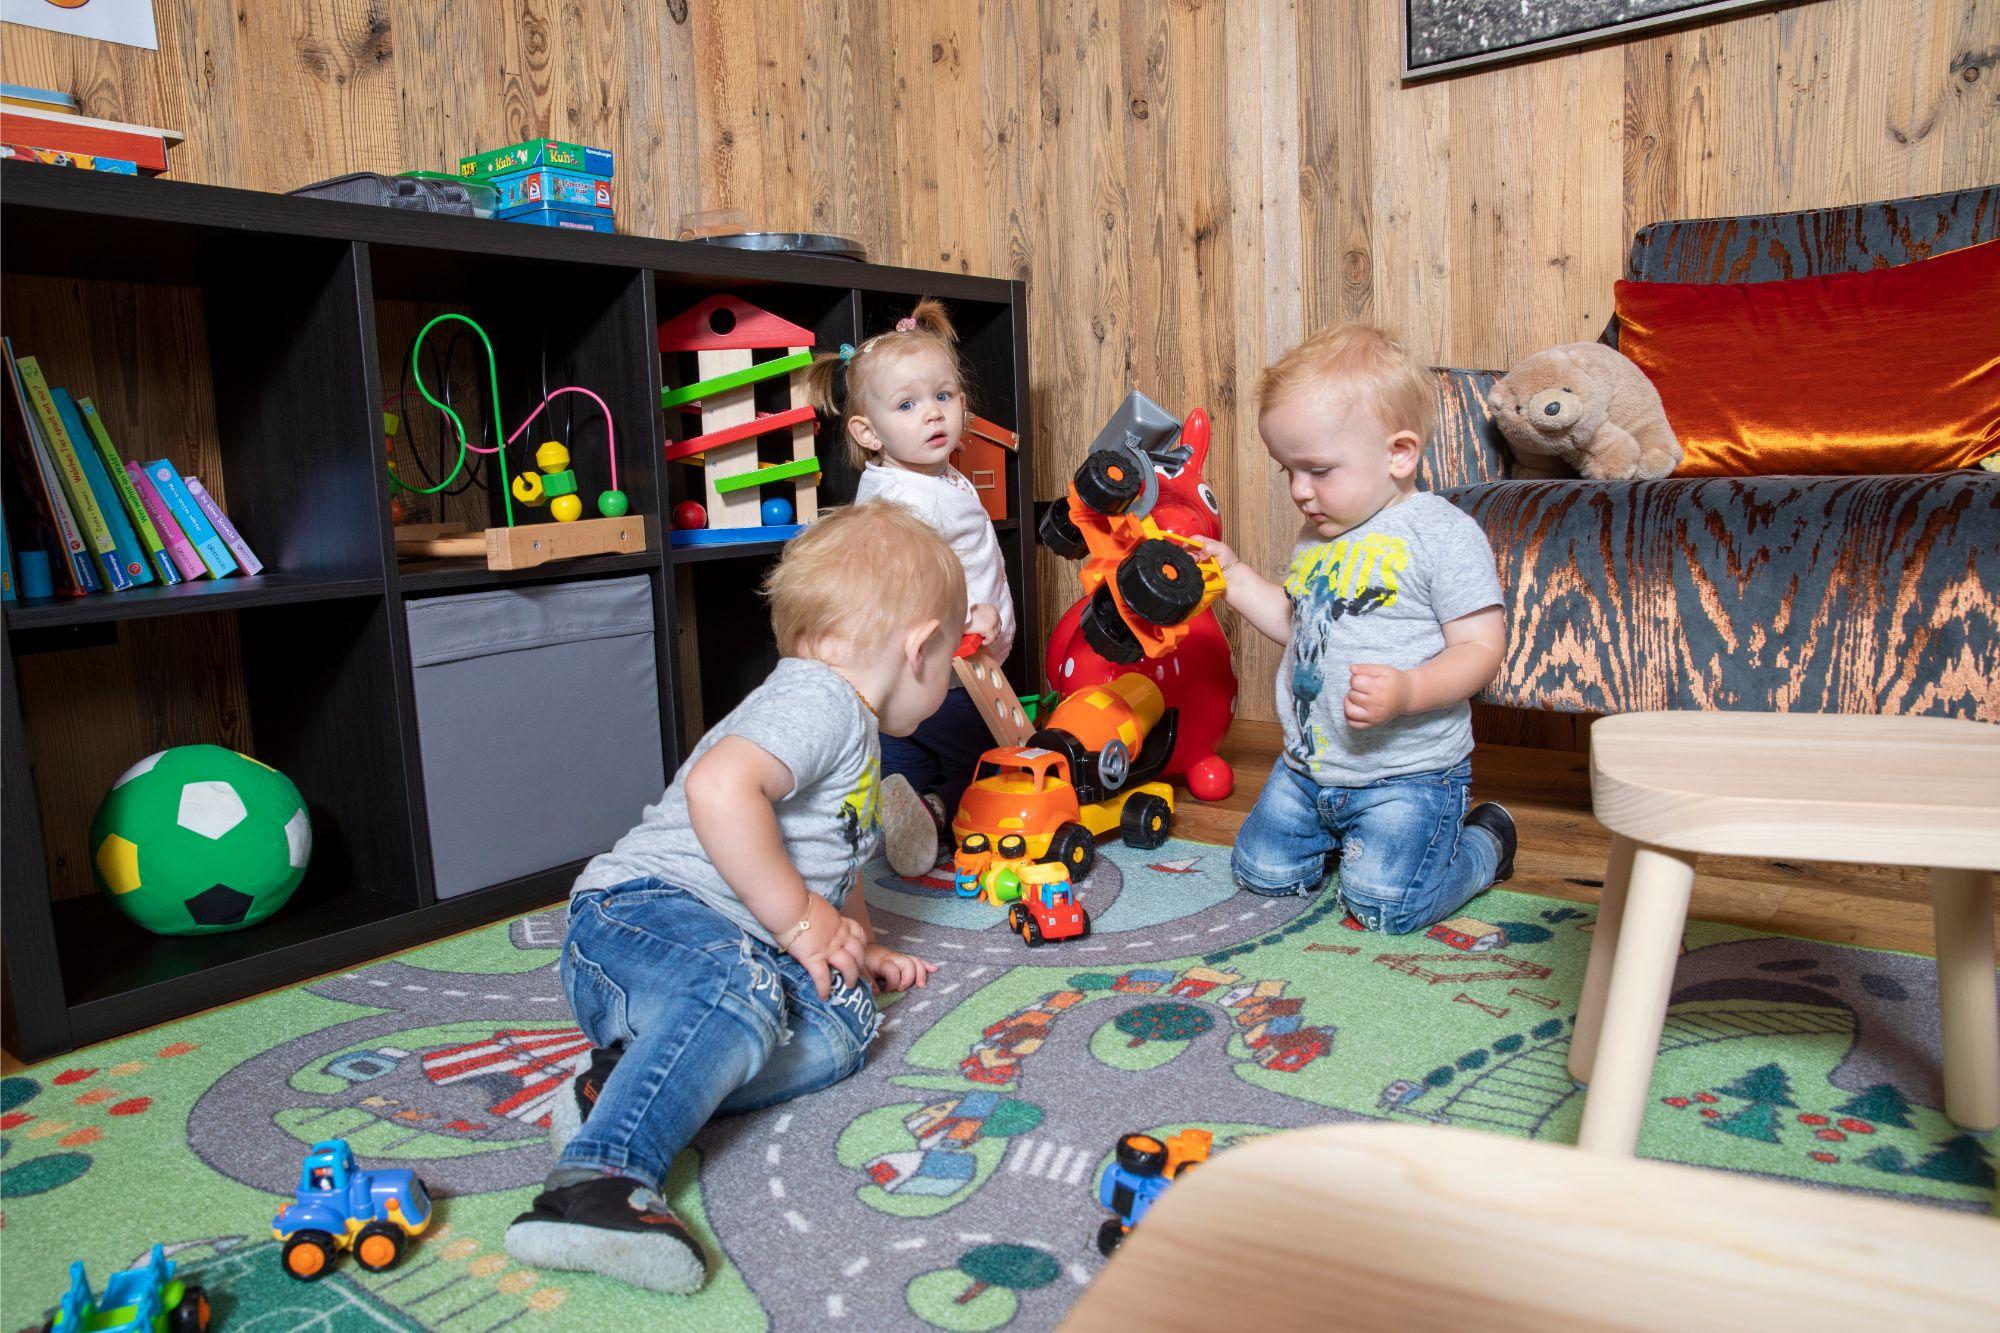 Kinder beim spielen im Kinderzimmer